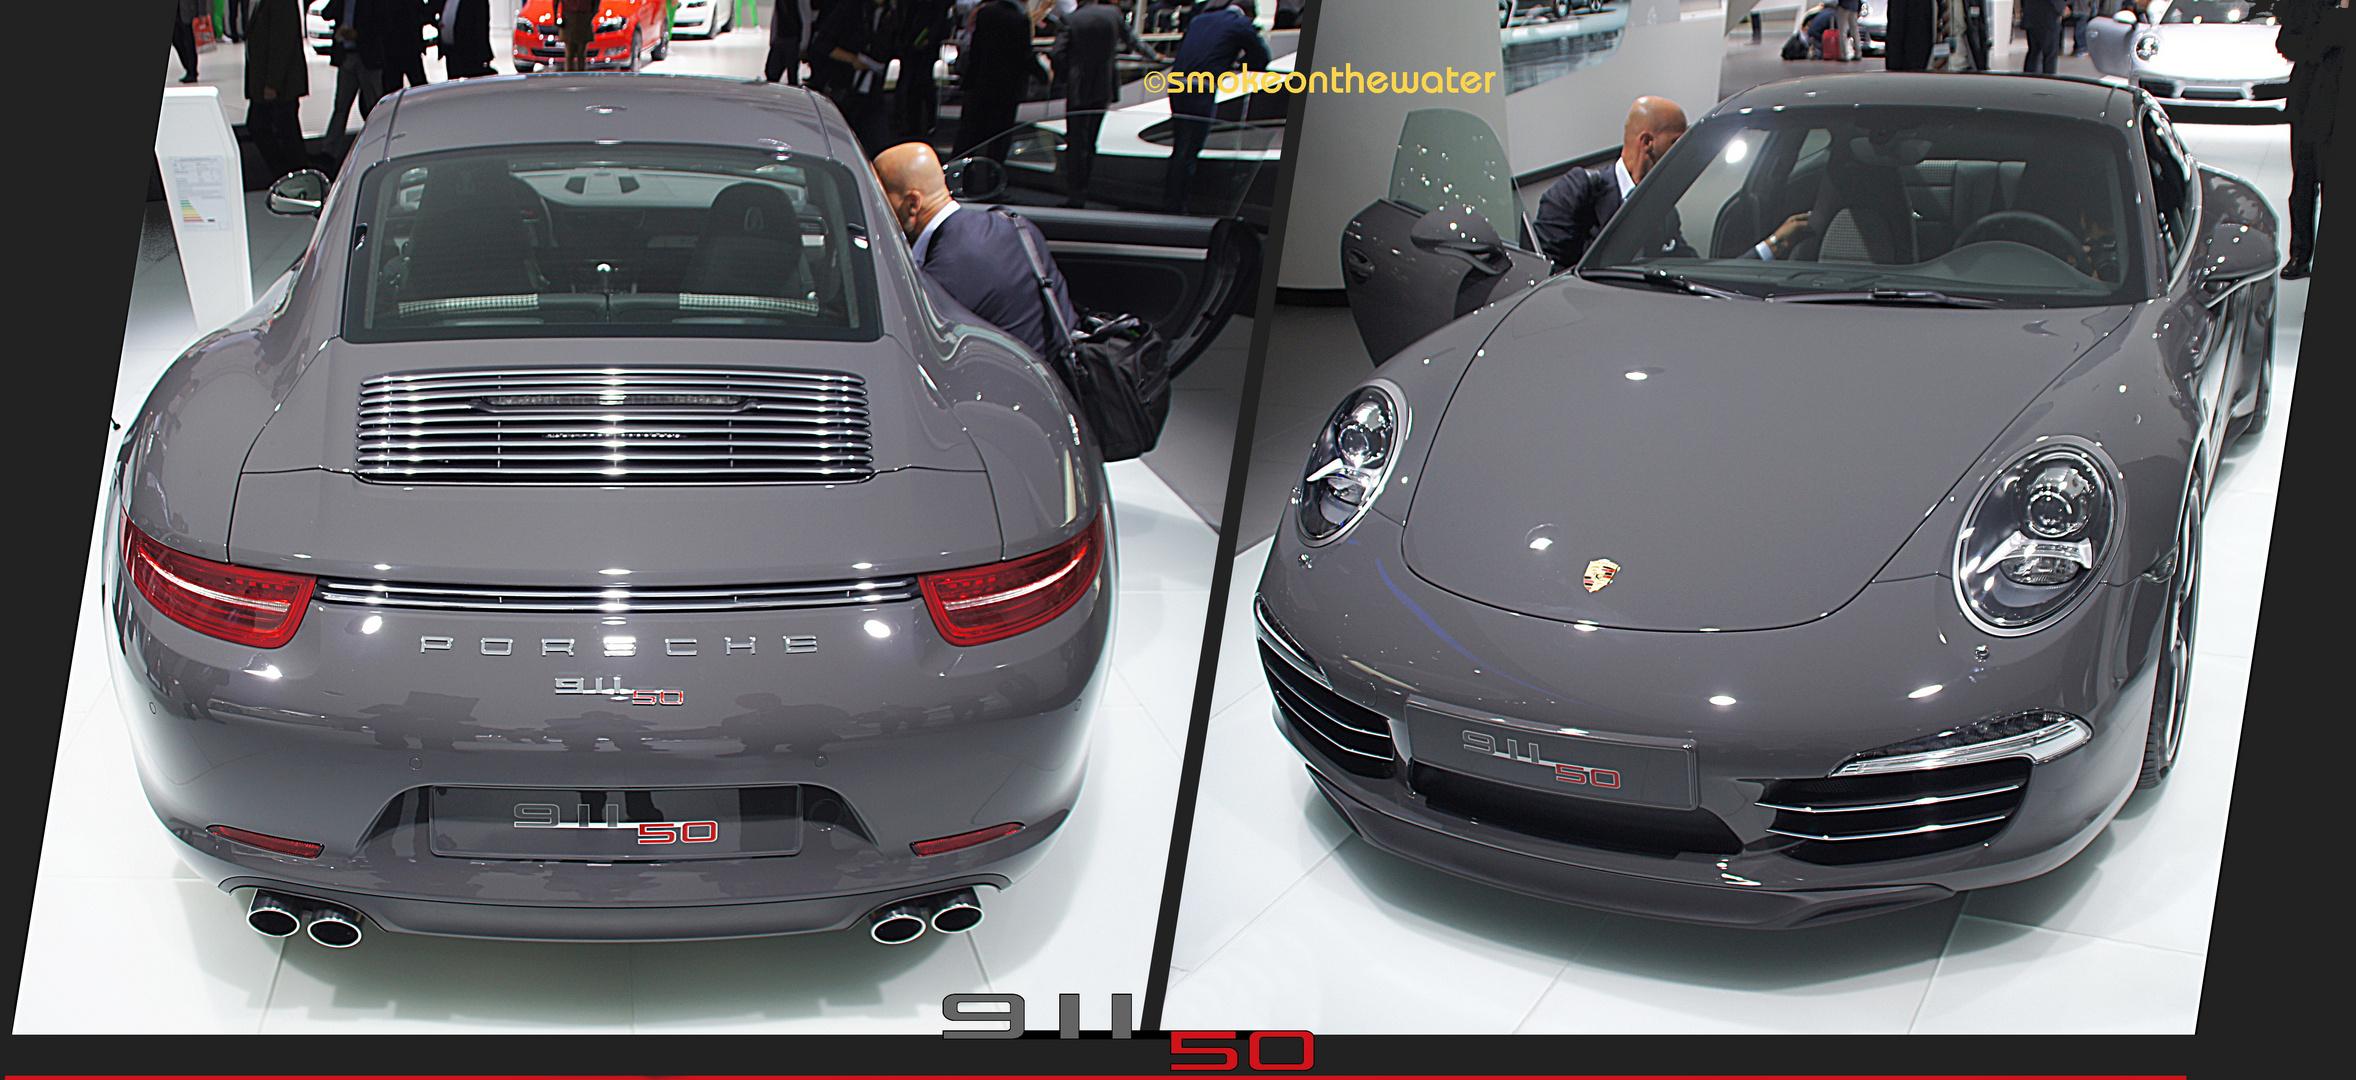 Jubiläumsmodell 50 Jahre Porsche 911